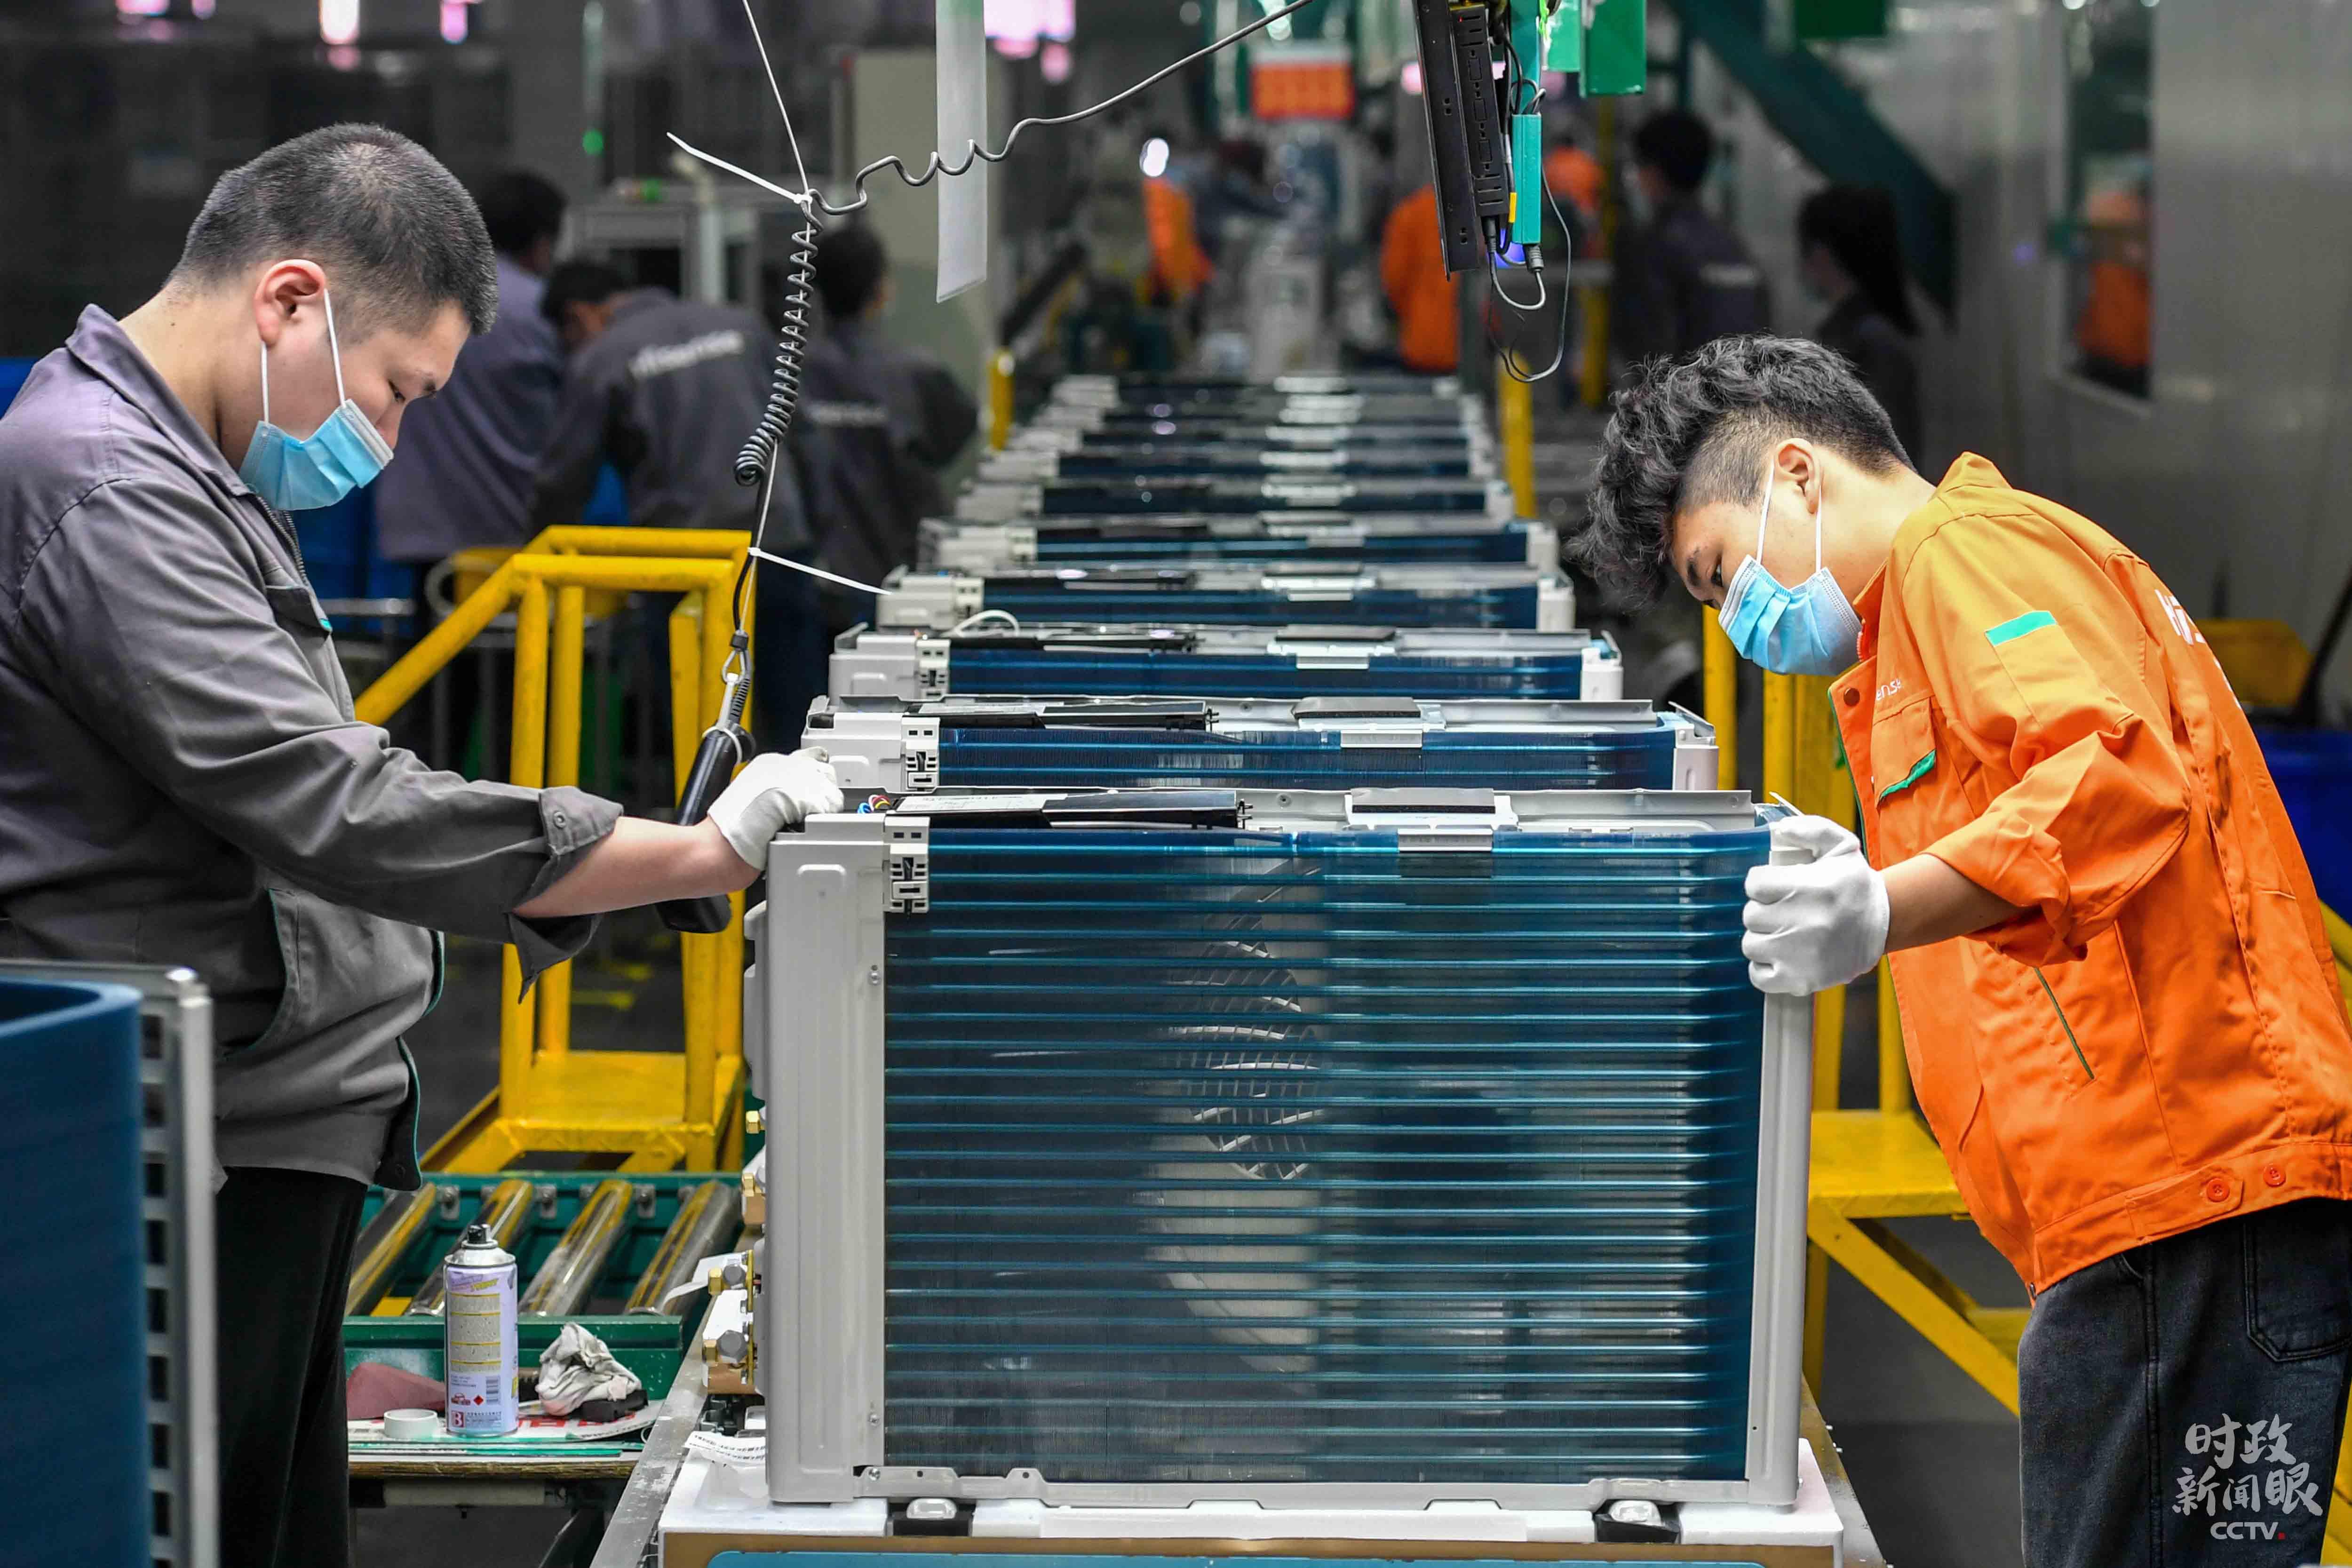 这是浙江湖州某空调公司的总装车间,技术人员正在赶制销往上海的订单产品。